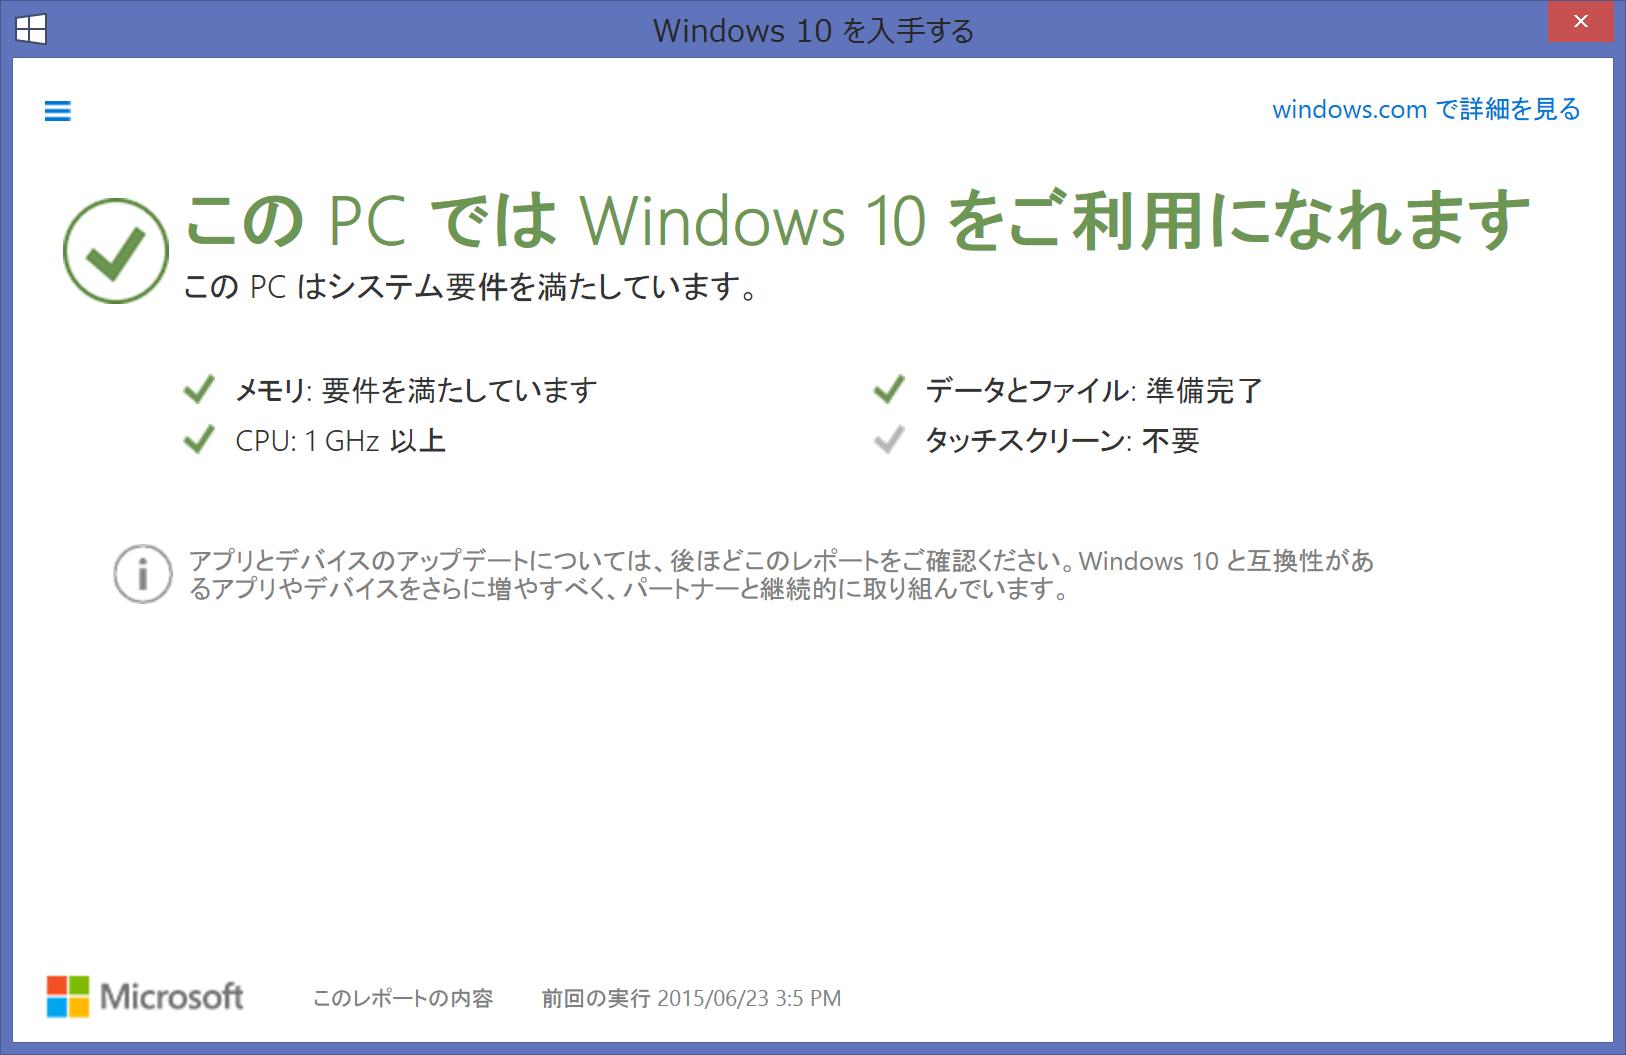 「PC のチェック」でWindows 10 へのアップグレード可否結果が表示される